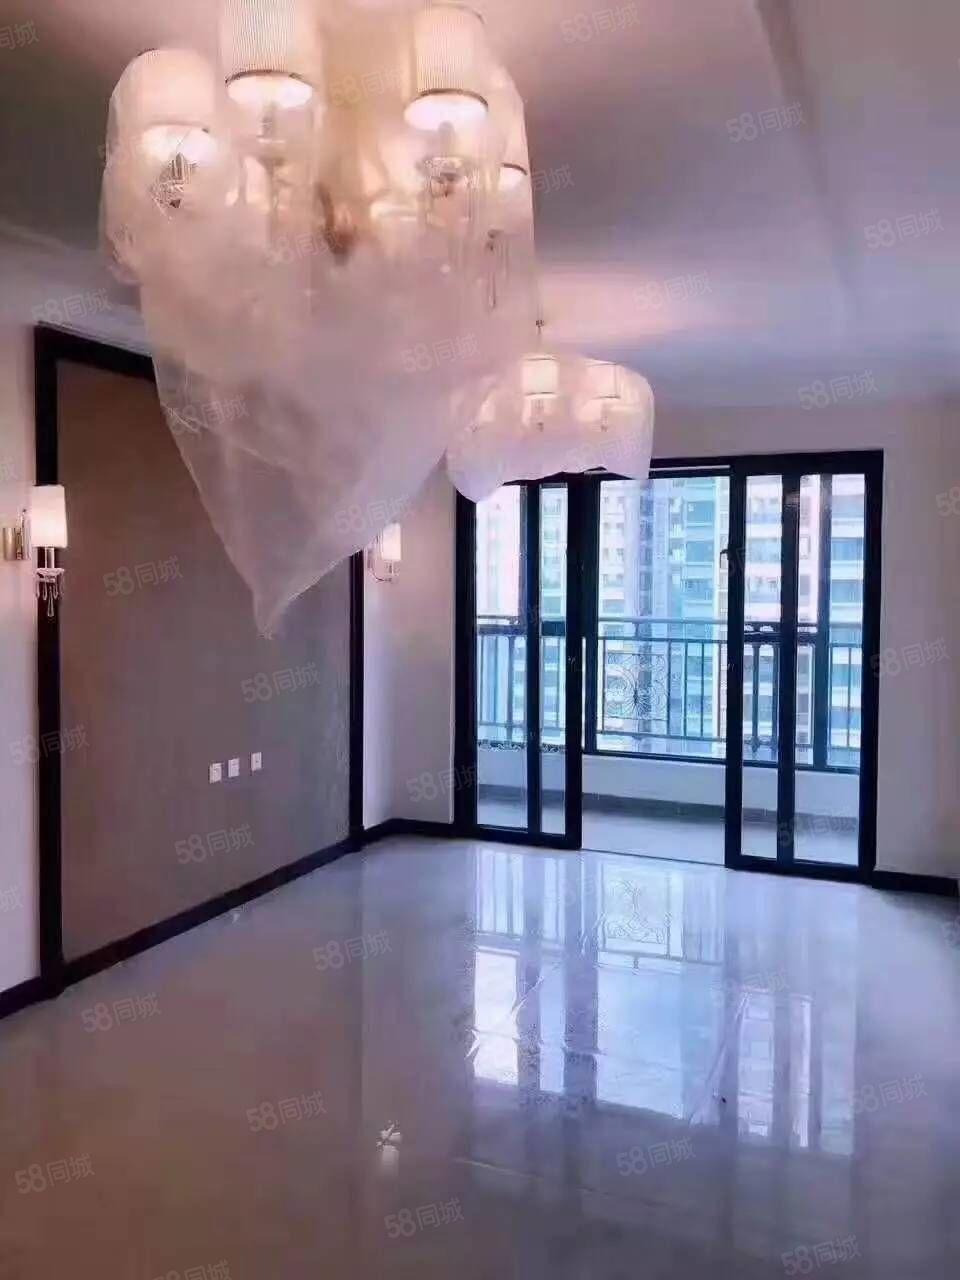 恒大名都正楼26层99平米65万可直接更名过户�o大税